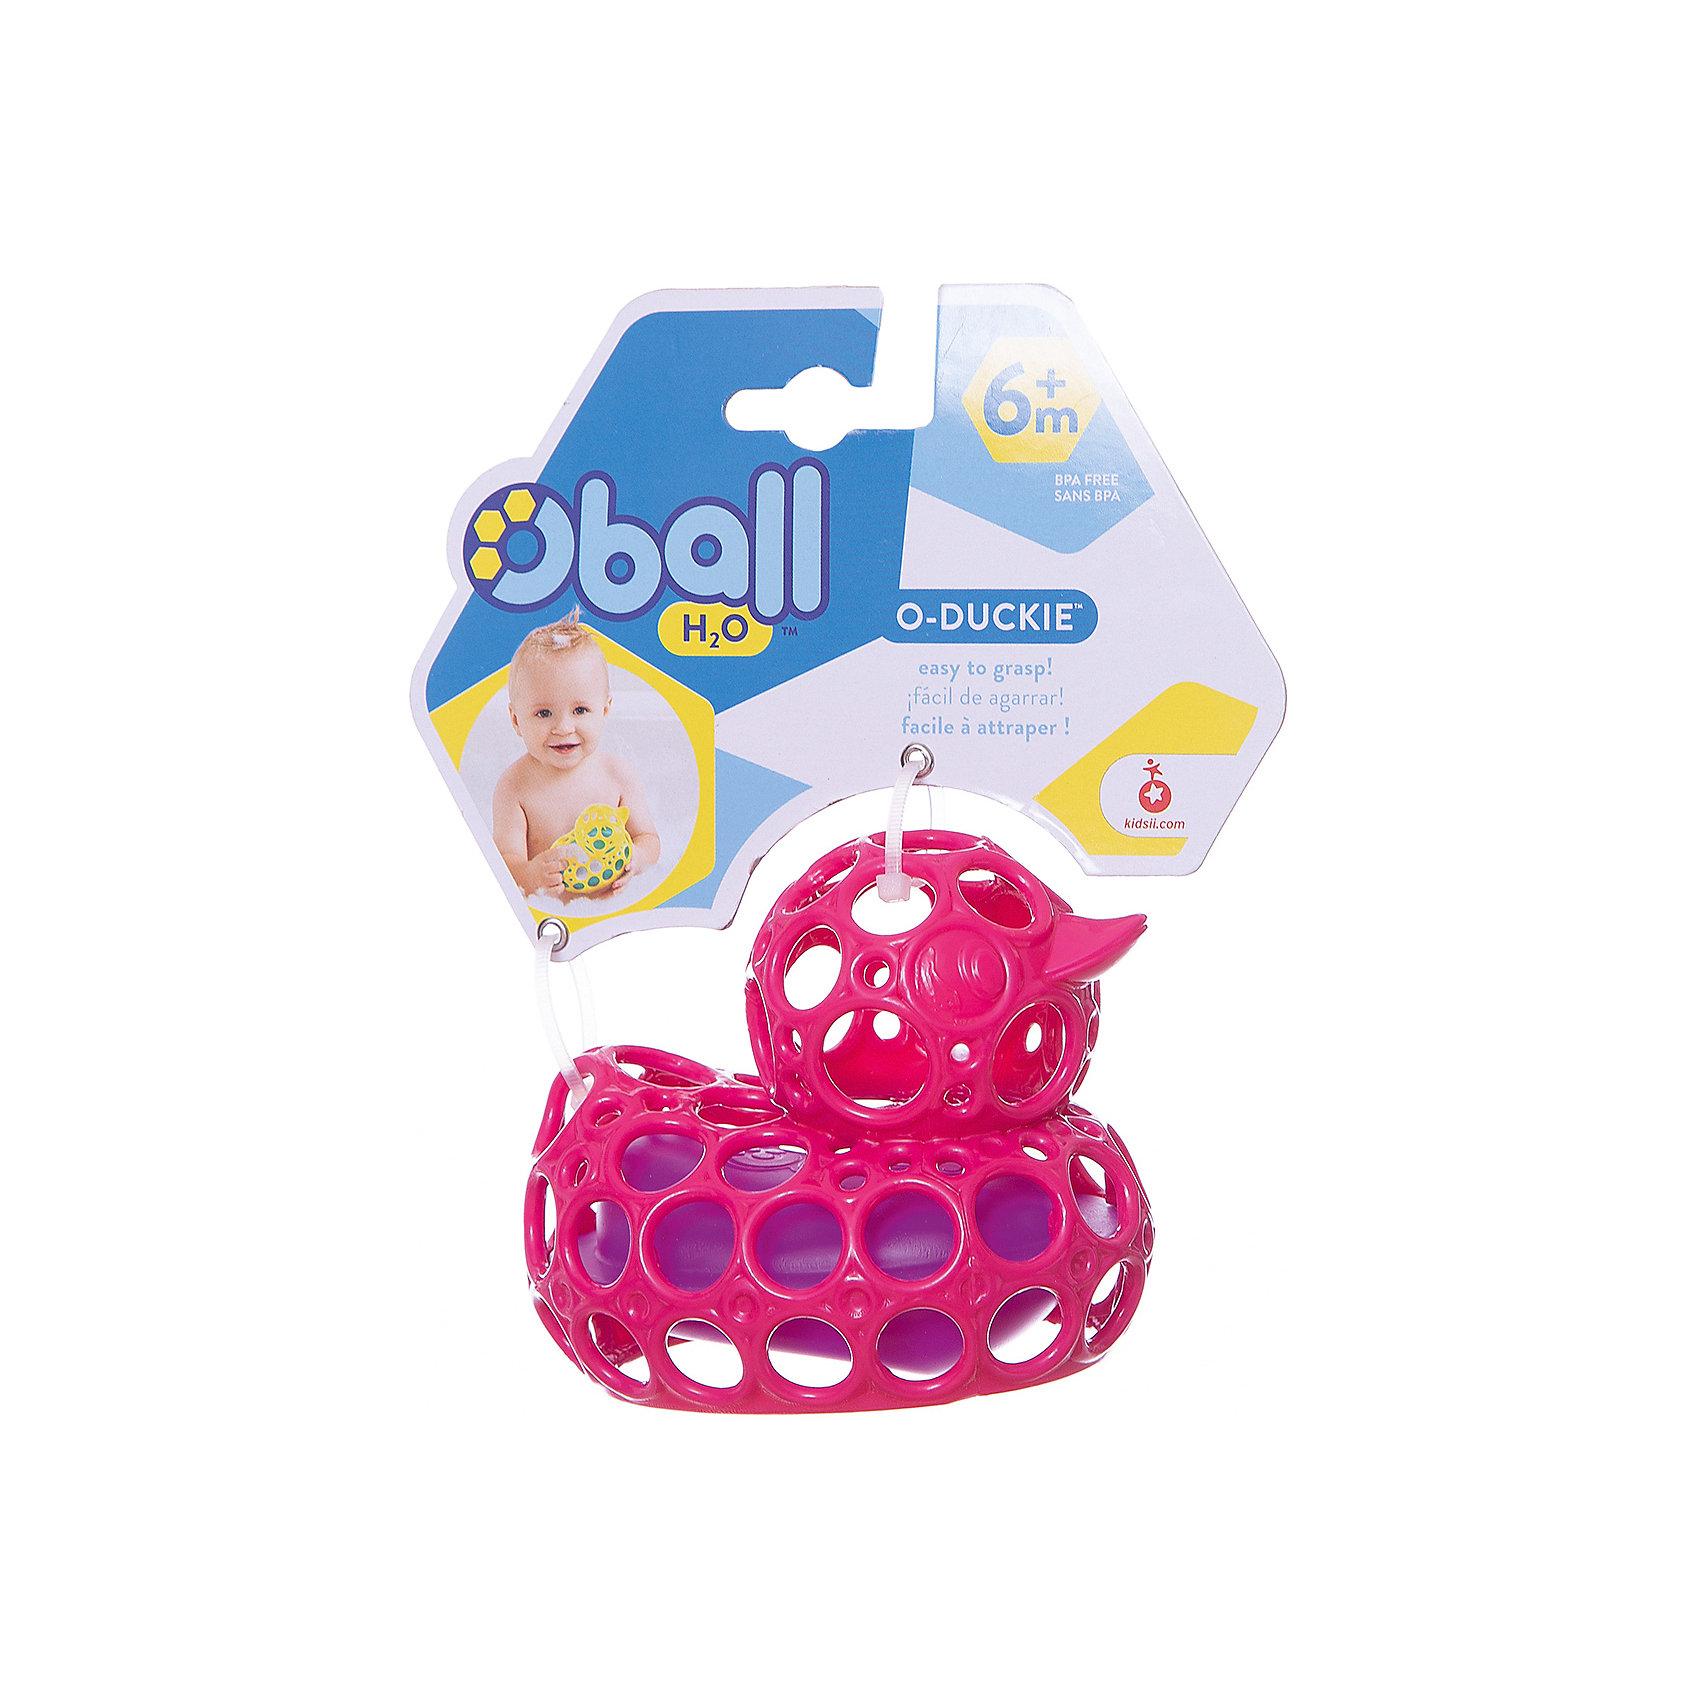 Игрушка для ванны Уточка, розовая, OballИгрушки для ванной<br>Игрушка для ванны Уточка, розовая, от знаменитого американского бренда Oball (Обал). Яркая и веселая игрушка изготовлена из высококачественного пластика и сделает игру в ванной малыша еще интереснее! Специальные колечки уточки сделаны для того, чтобы игрушку можно было держать маленькими пальчиками, а сама уточка плавает если положить ее на воду. Игрушка поможет развить цветовое и тактильное восприятие ребенка. <br>- Дополнительная информация:<br>- Материал: пластик<br>- Размер 9 * 11 * 12 см.<br><br>Игрушку для ванны Уточка, розовая, Oball можно купить в нашем интернет-магазине.<br><br>Подробнее:<br>• Для детей в возрасте: от 3 месяцев до 1 года<br>• Номер товара: 4918375<br>Страна производитель: Китай<br><br>Ширина мм: 138<br>Глубина мм: 178<br>Высота мм: 76<br>Вес г: 60<br>Возраст от месяцев: 6<br>Возраст до месяцев: 36<br>Пол: Унисекс<br>Возраст: Детский<br>SKU: 4918375